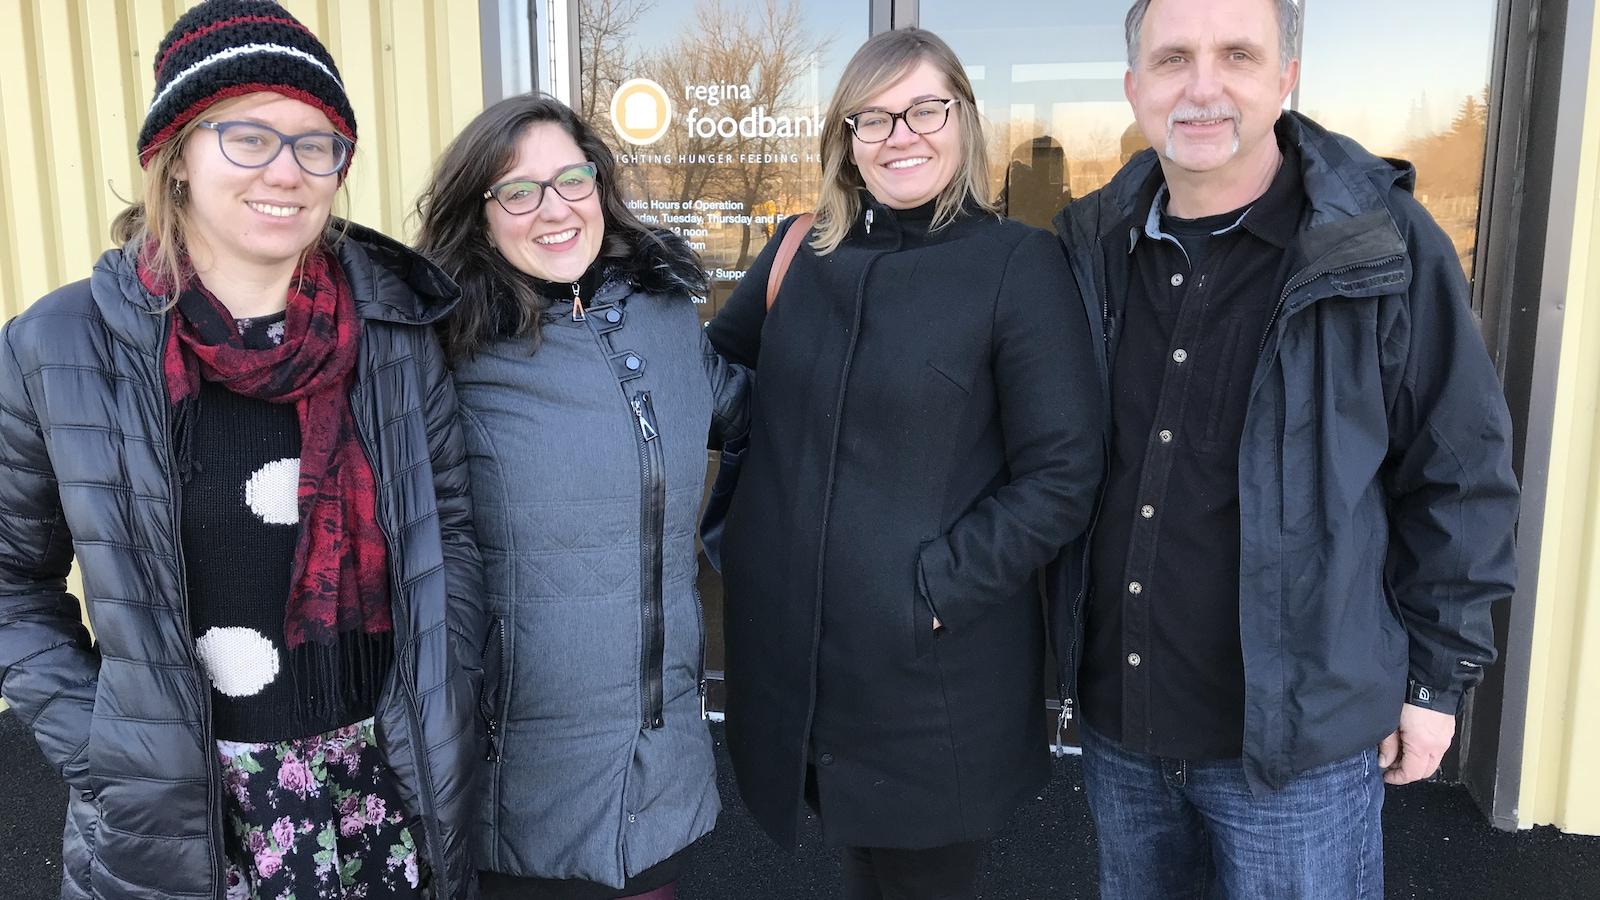 L'équipe de Point du jour devant l'entrée de la banque alimentaire de Regina.